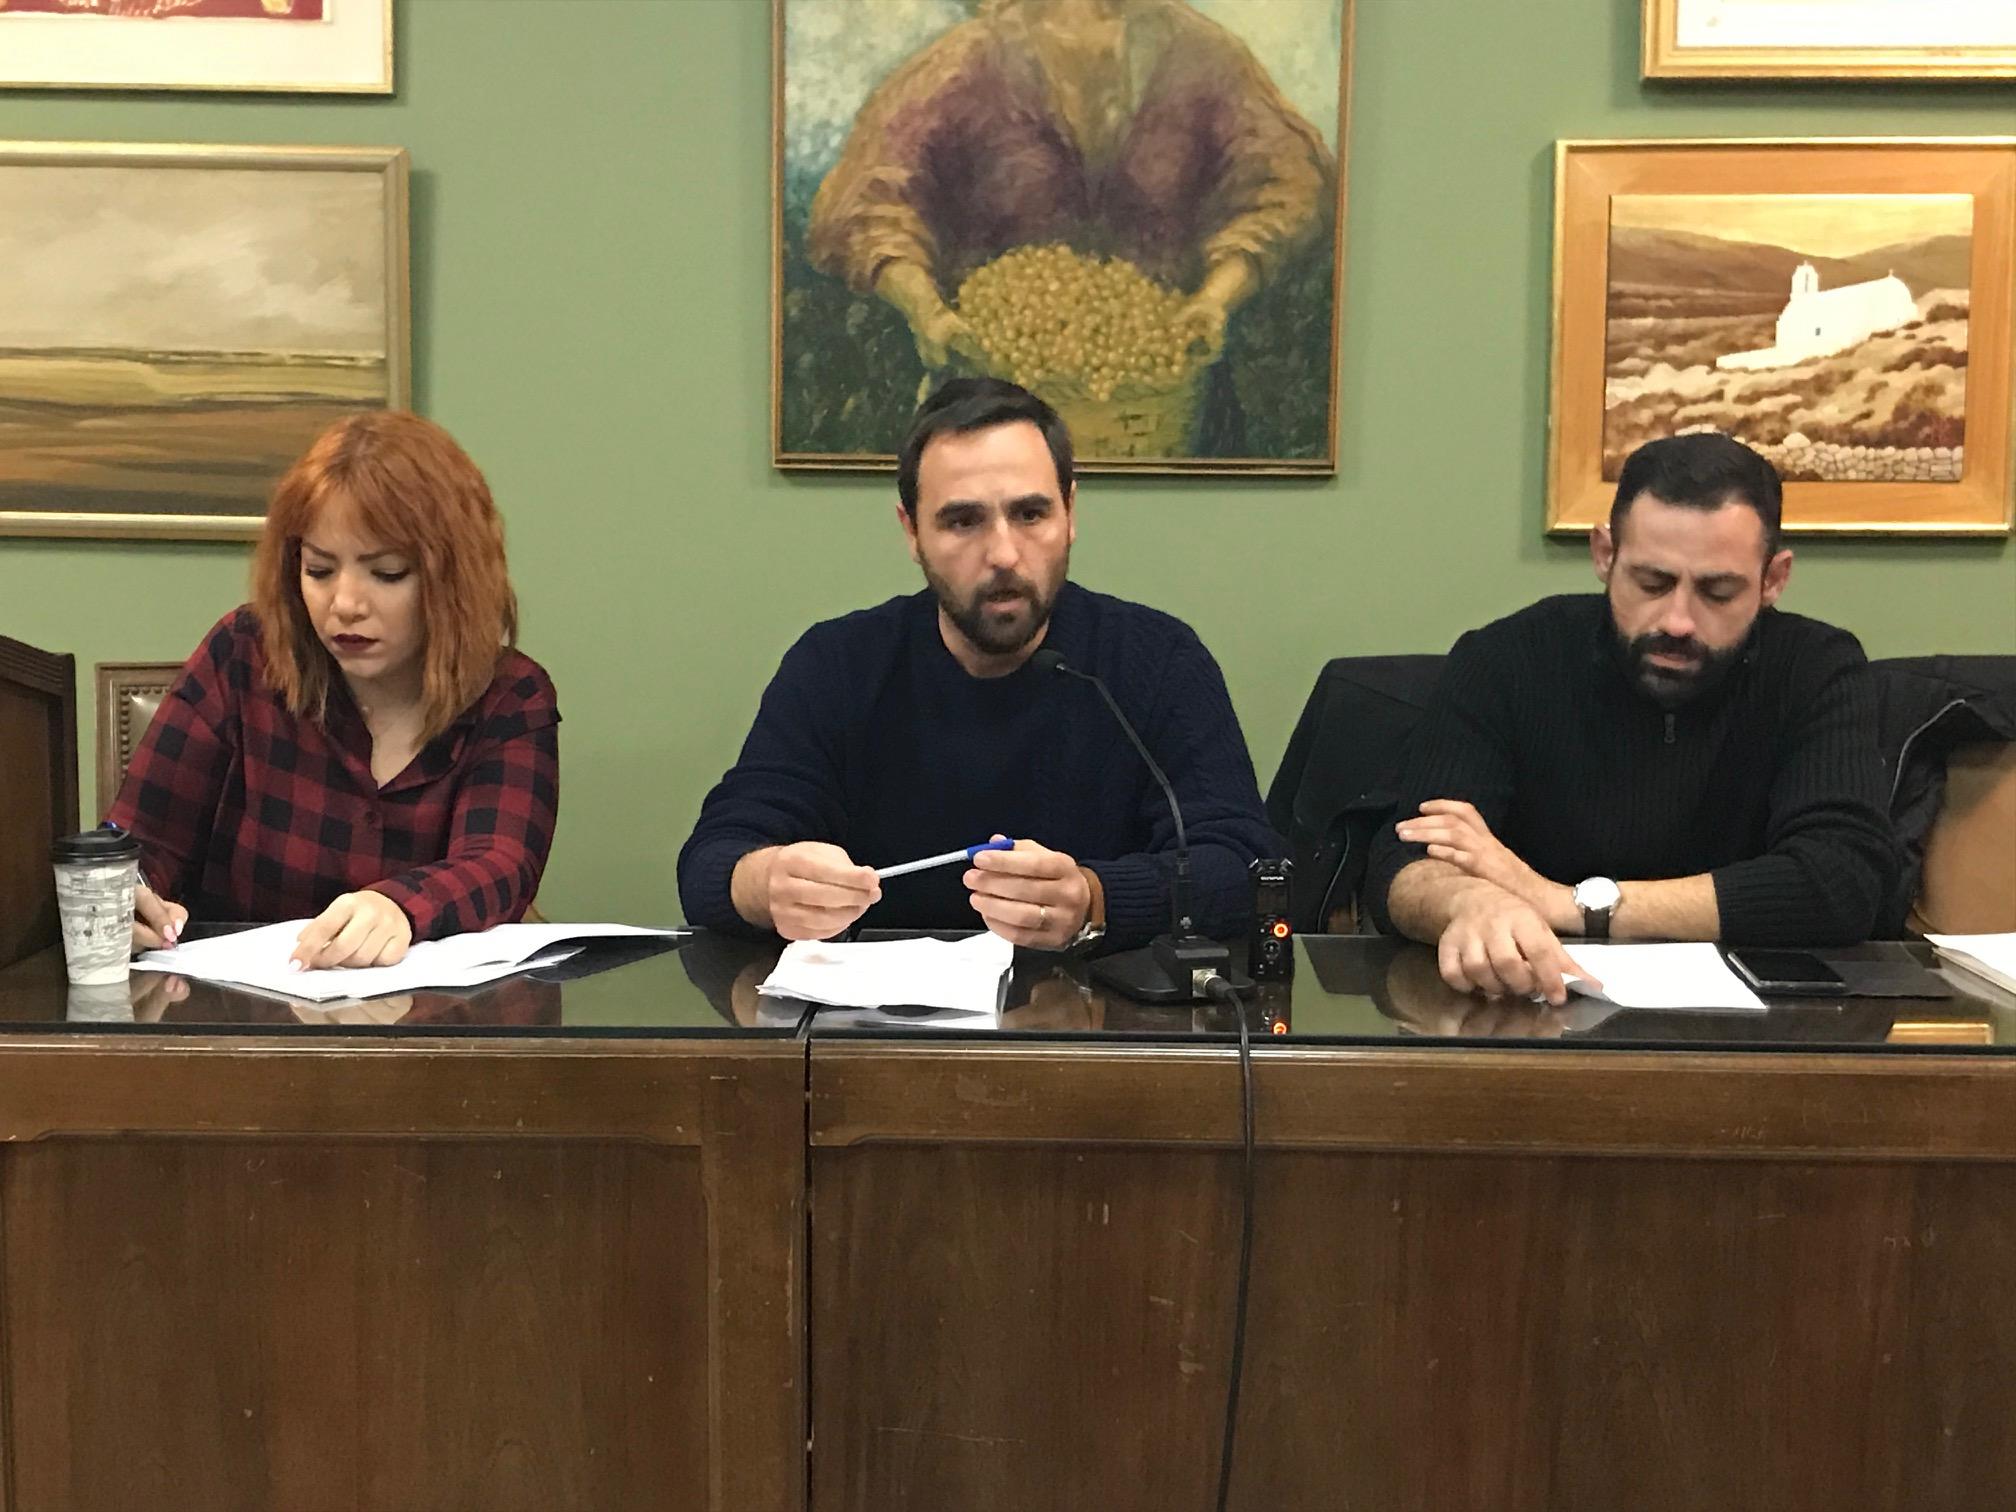 Δήμος Πύργου: Συνεδρίασε η Κοινότητα Πύργου στο Λάτσειο Μέγαρο